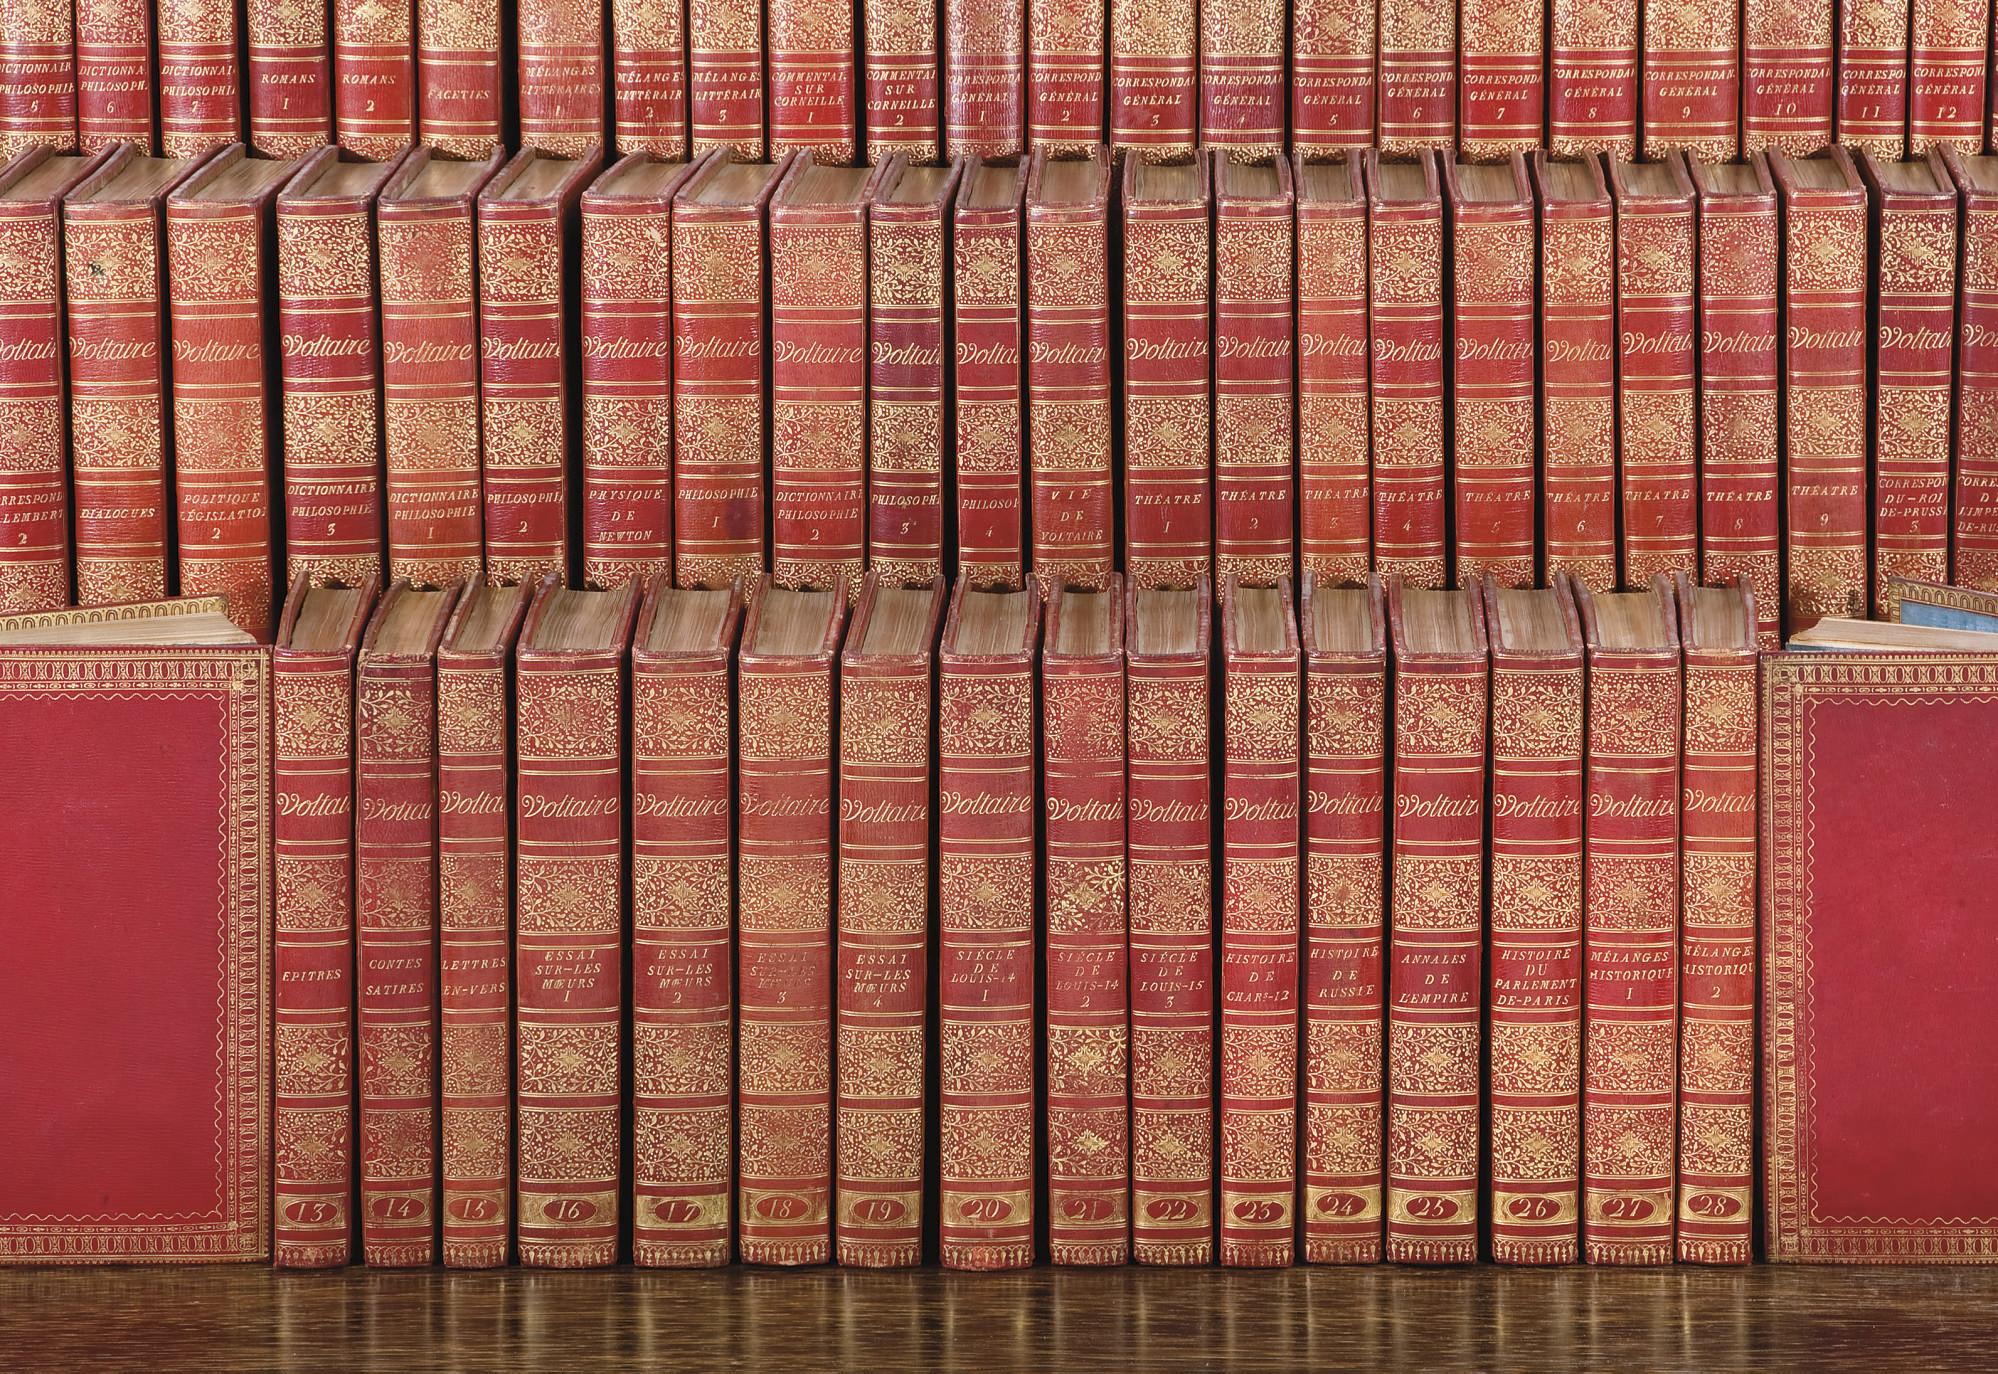 VOLTAIRE, François Marie Arouet de (1694-1778). Oeuvres complètes. Kehl: Société Typographique, 1784-1789.